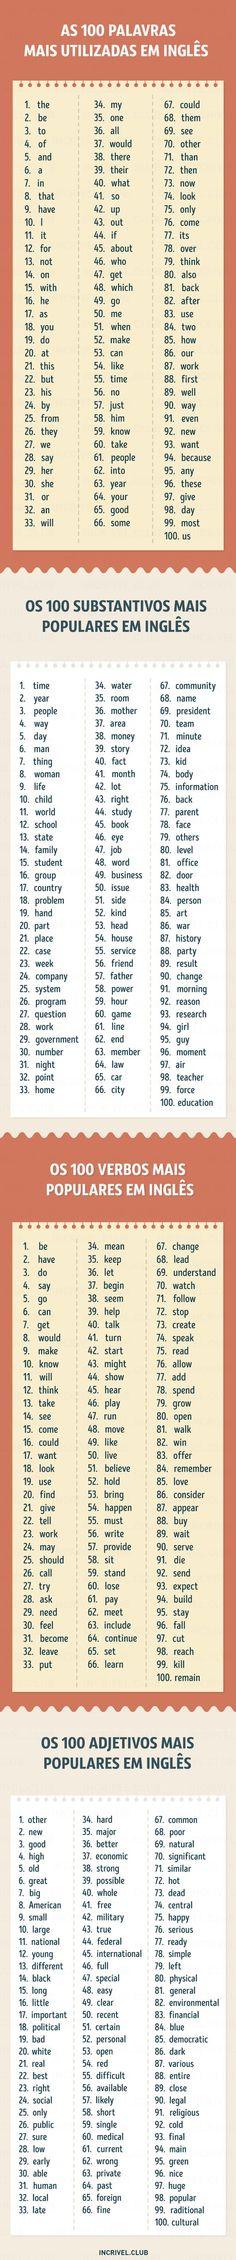 (6) - Entrada - Terra Mail - Message - jgleite@terra.com.br